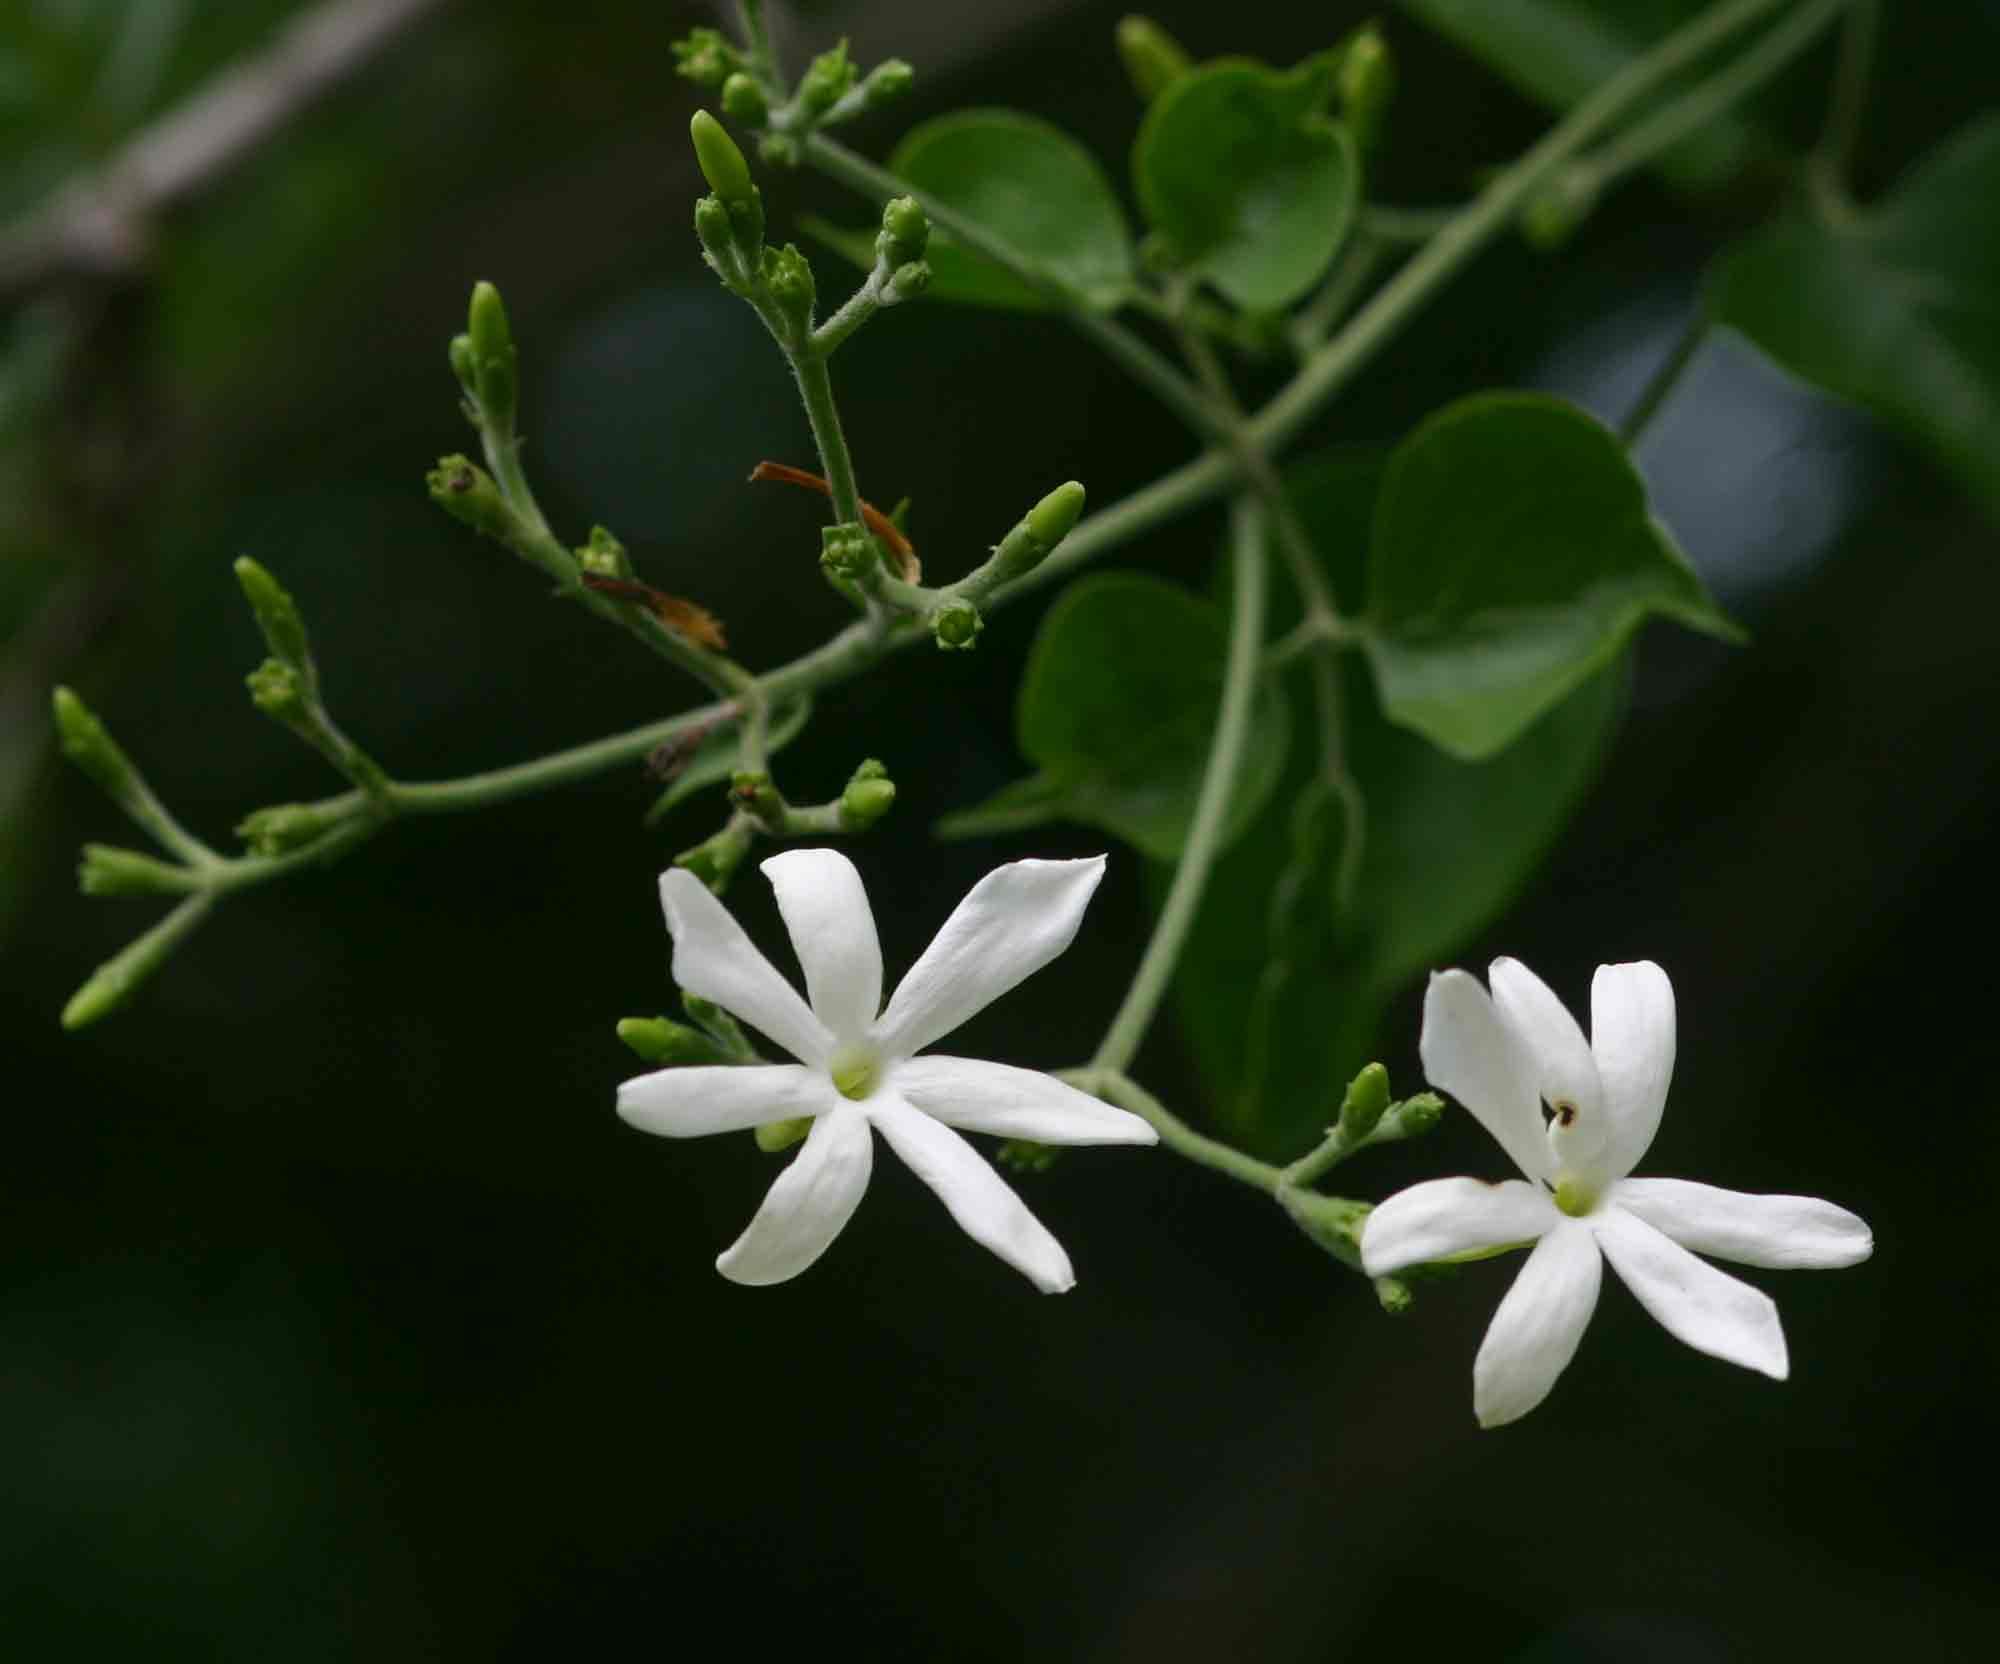 Jasminum fluminense